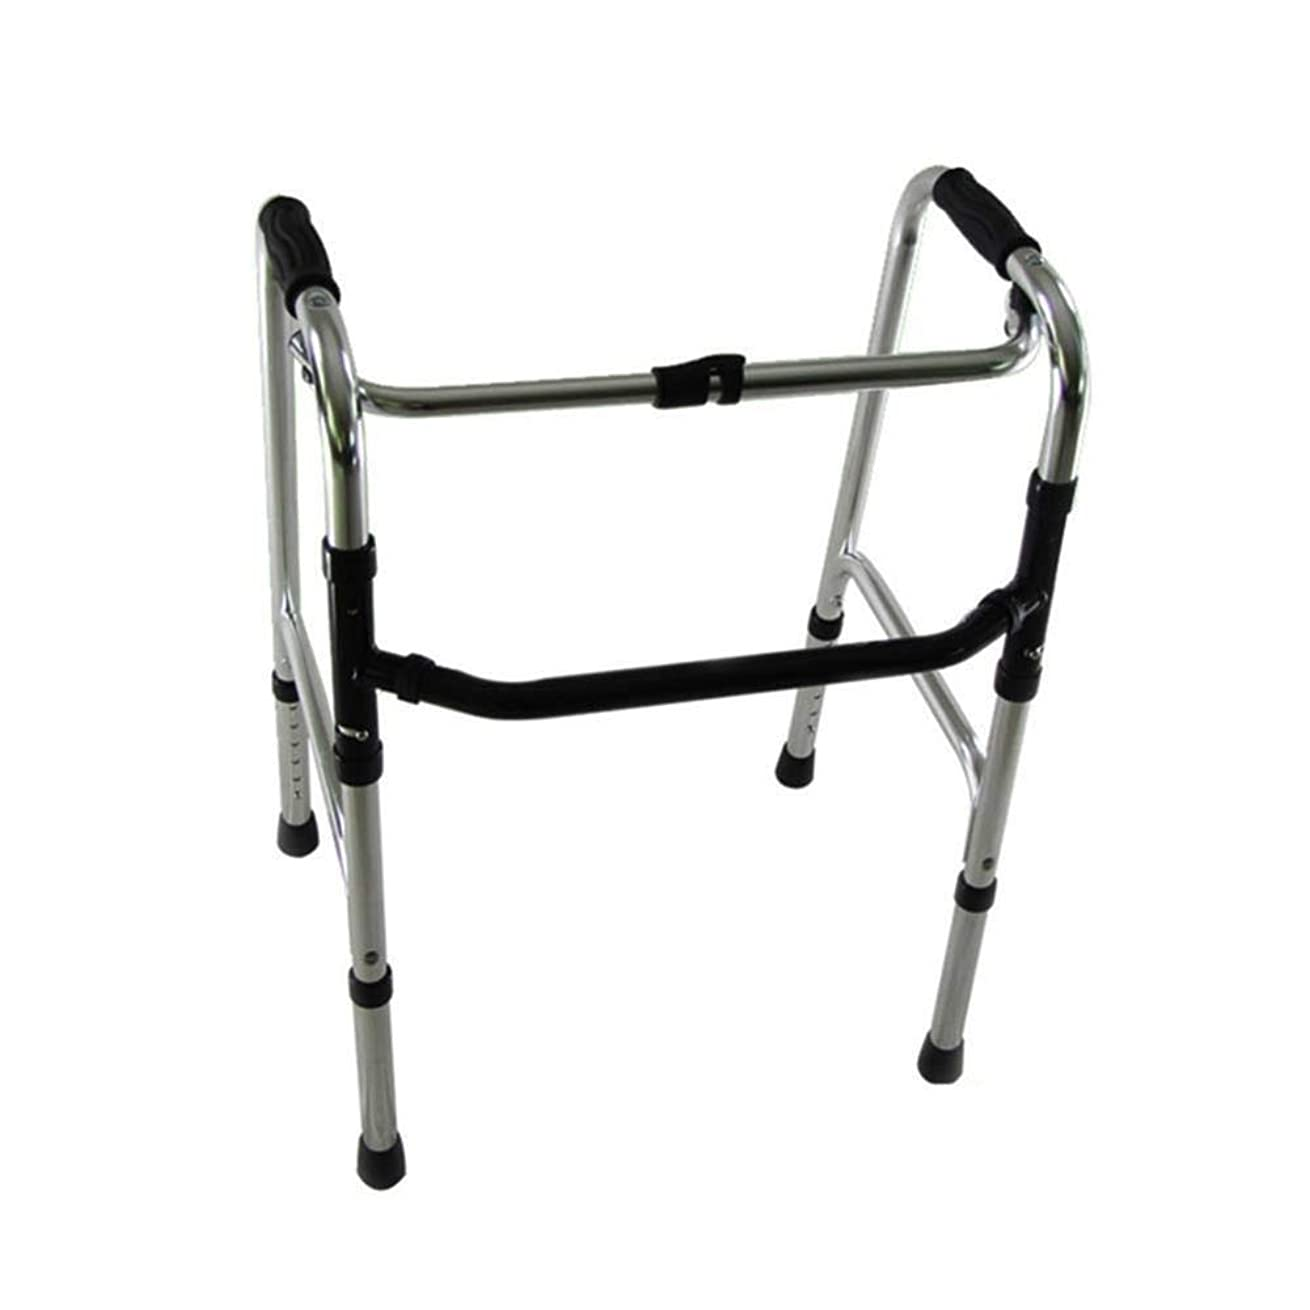 ズームインする持参漁師高齢者の障害者支援のために調整可能な軽量歩行フレーム折りたたみアルミニウムの高さ